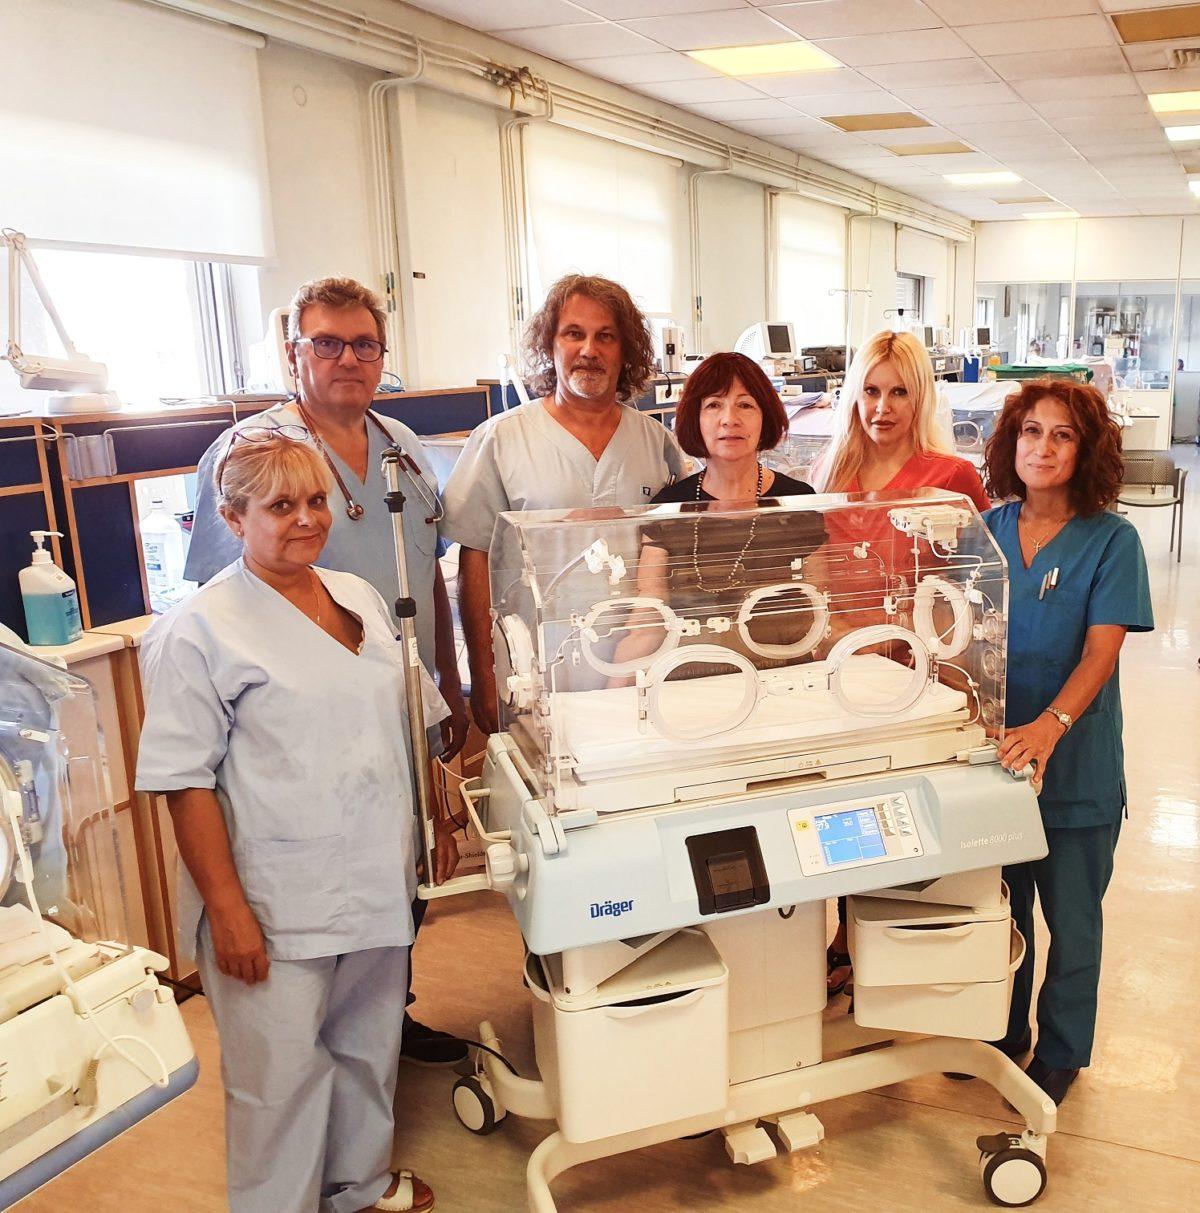 Τα Pampers ενίσχυσαν τον Μη Κερδοσκοπικό Οργανισμό Ηλιτόμηνον για τη δωρεά μίας θερμοκοιτίδας για πρόωρα βρέφη στη ΜΕΝΝ του Γεν. Νοσ. «Έλενα Βενιζέλου»